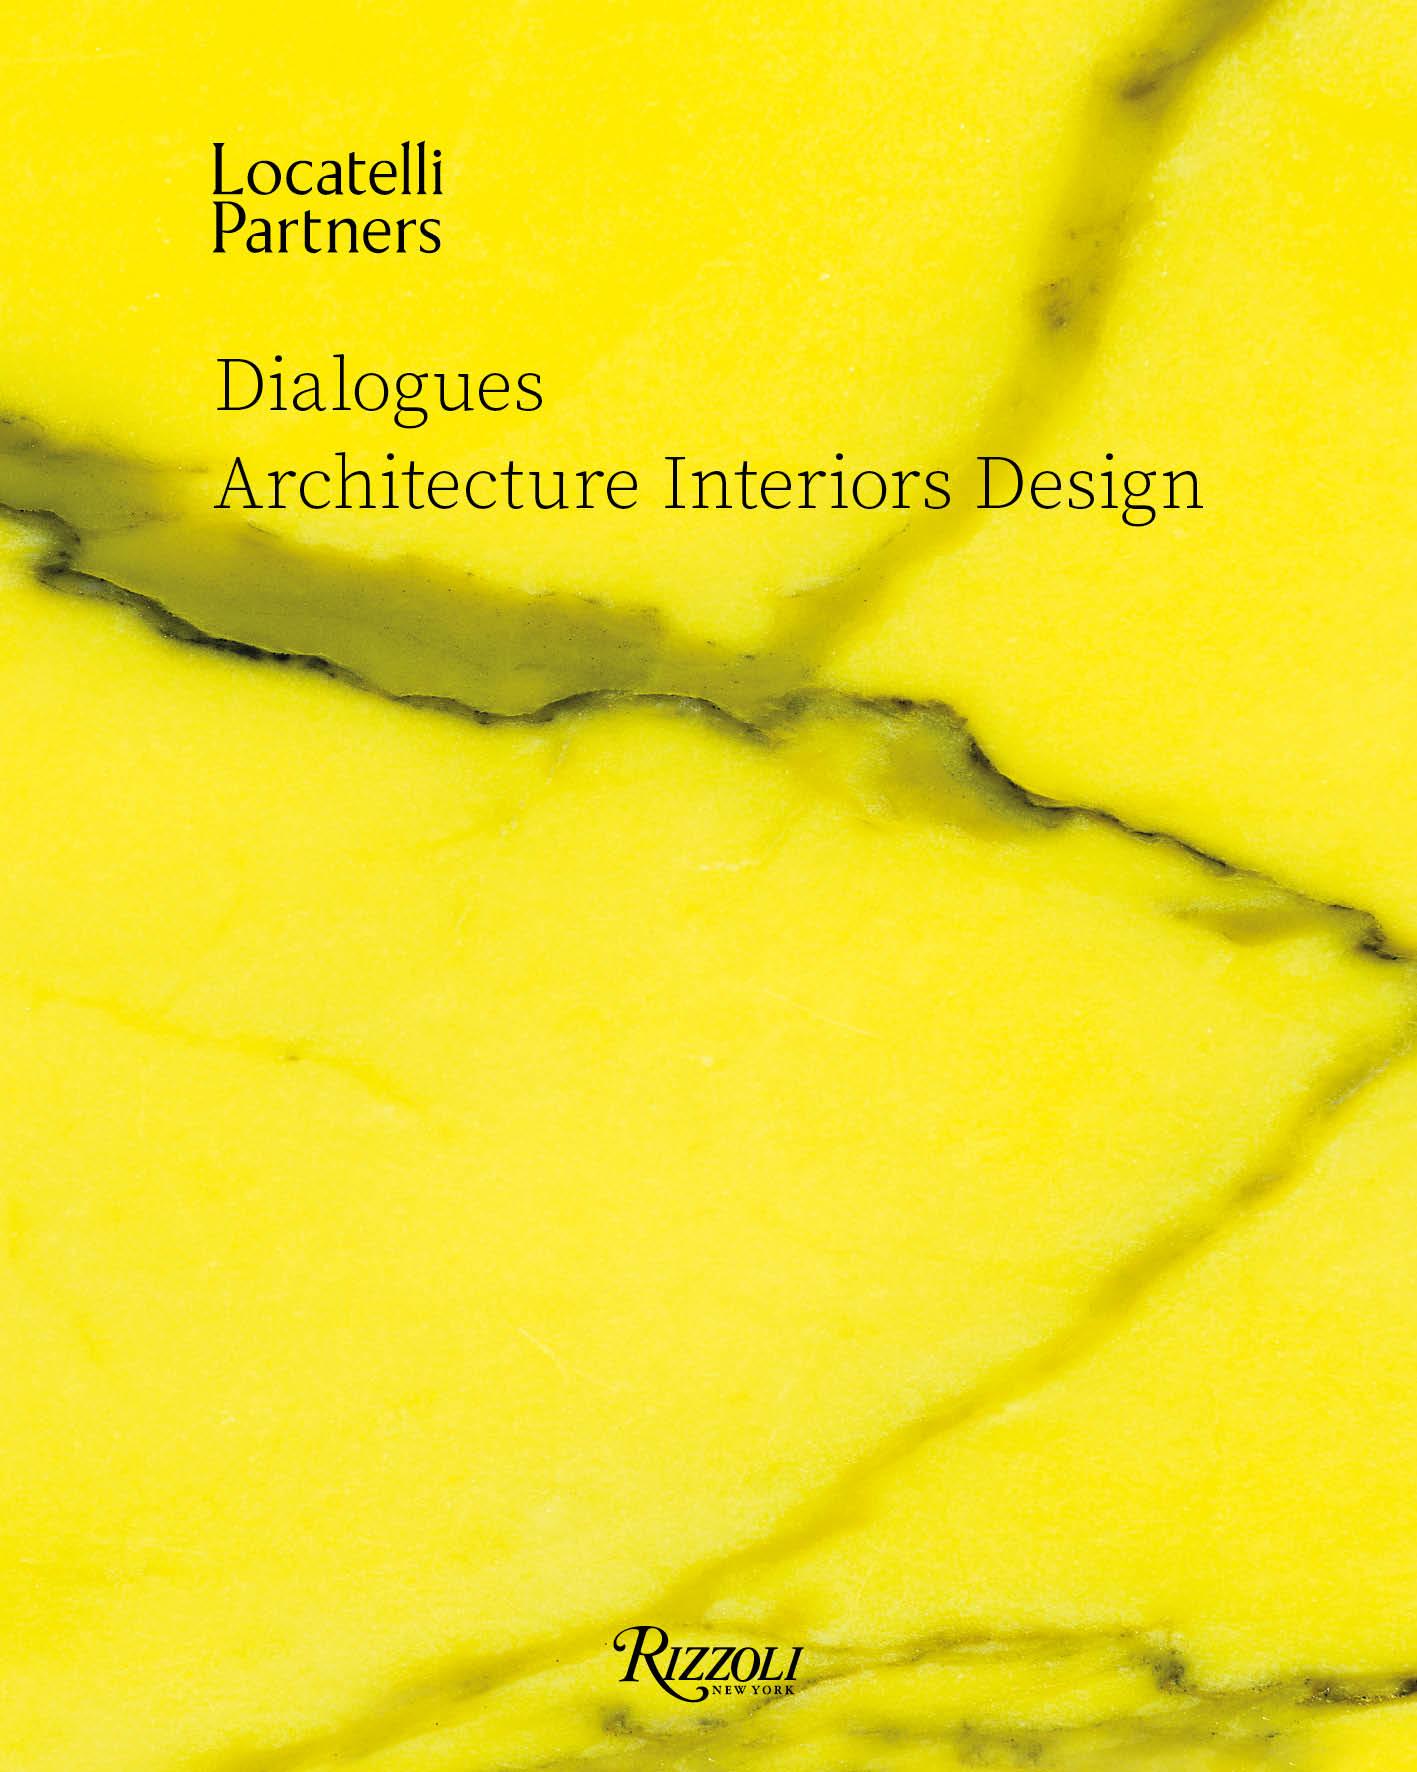 nicoletta-dalfino-locatelli-partners-rizzoli-book-cover-front